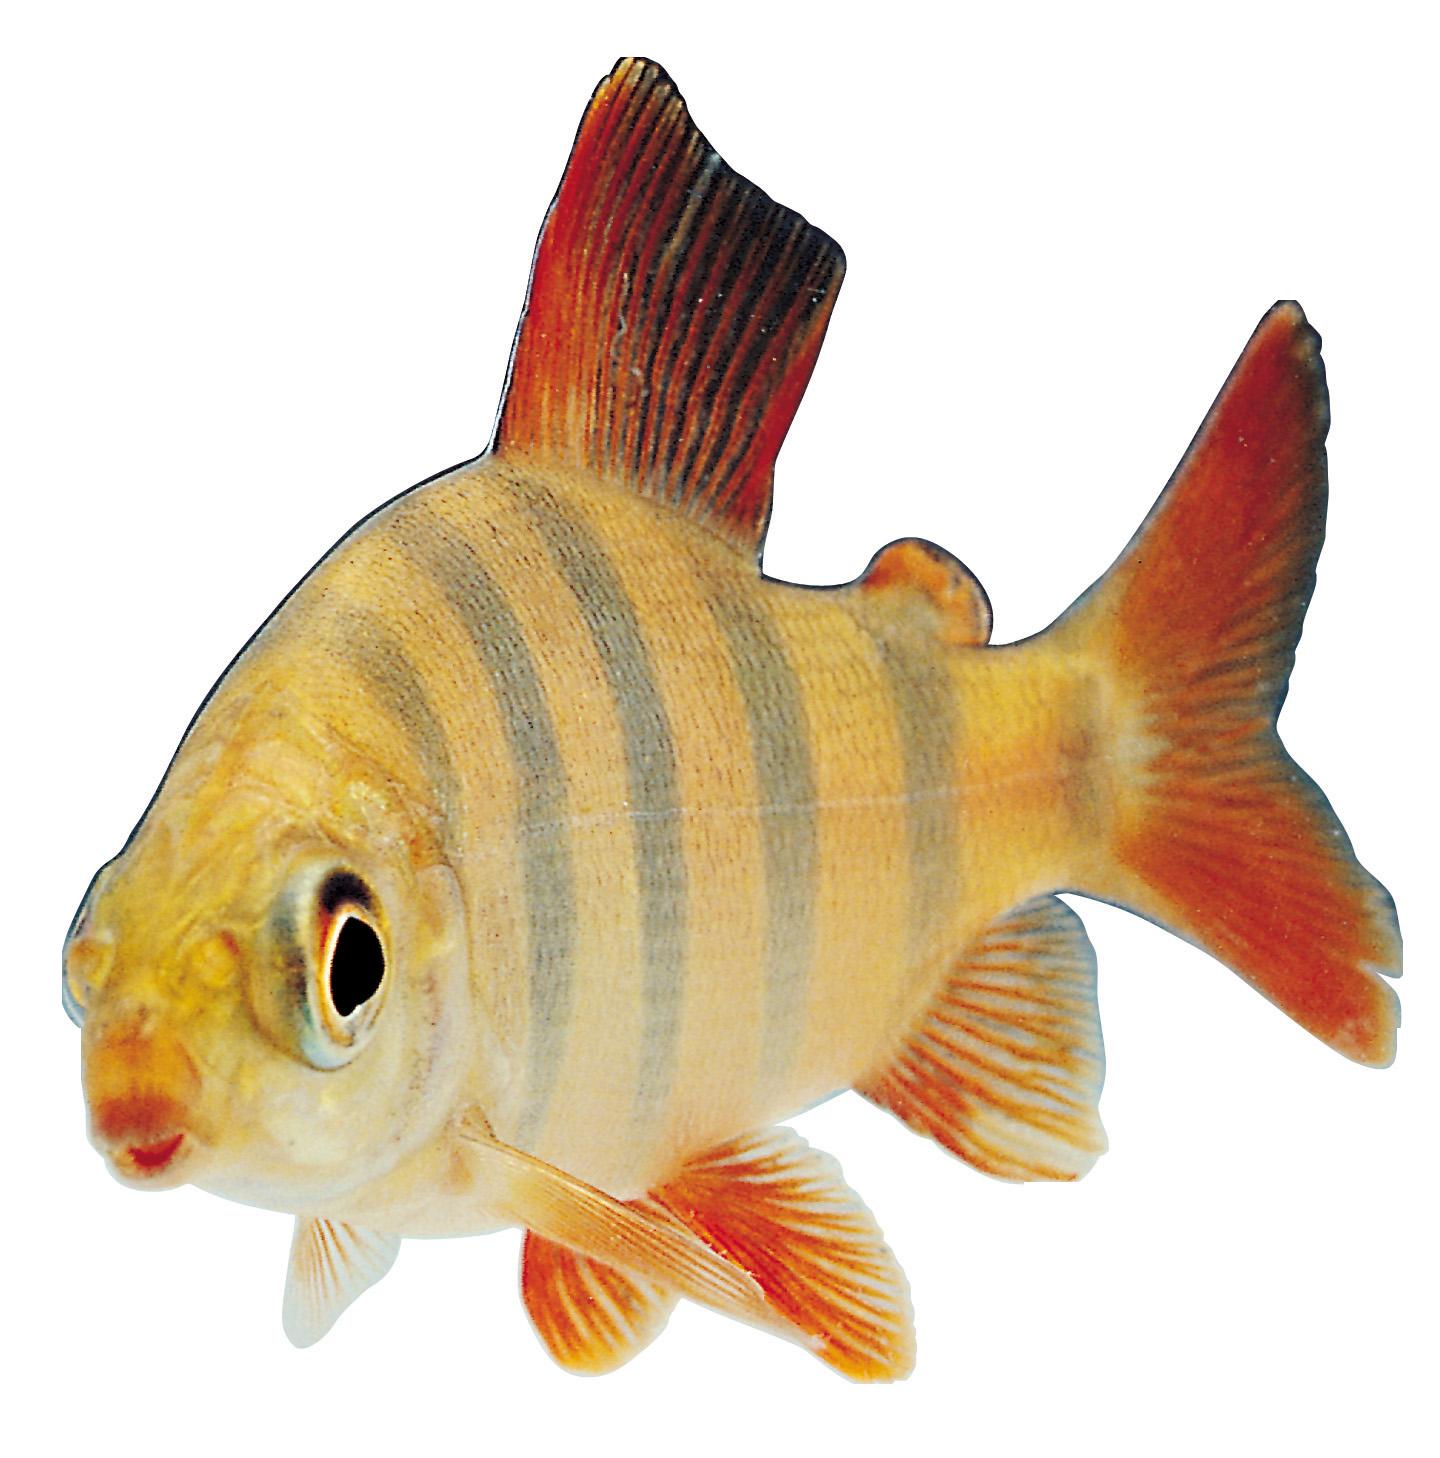 Fish PNG Image - Fish HD PNG